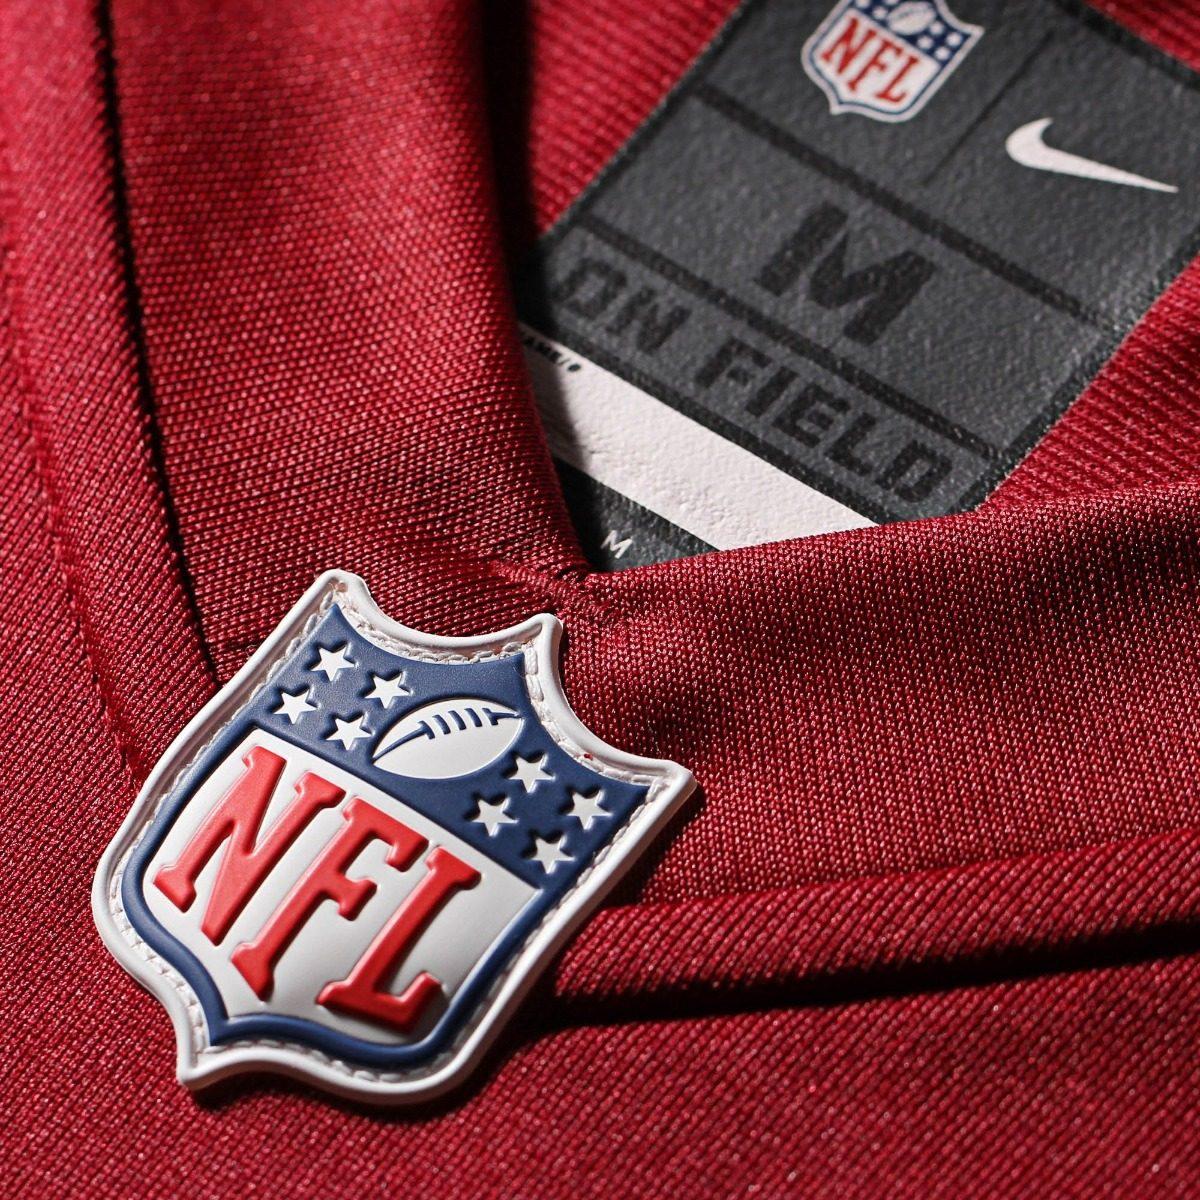 camisetas futbol americano nfl redskins originales 7 niños. Cargando  zoom... camisetas futbol americano. Cargando zoom. d93a61be3210e